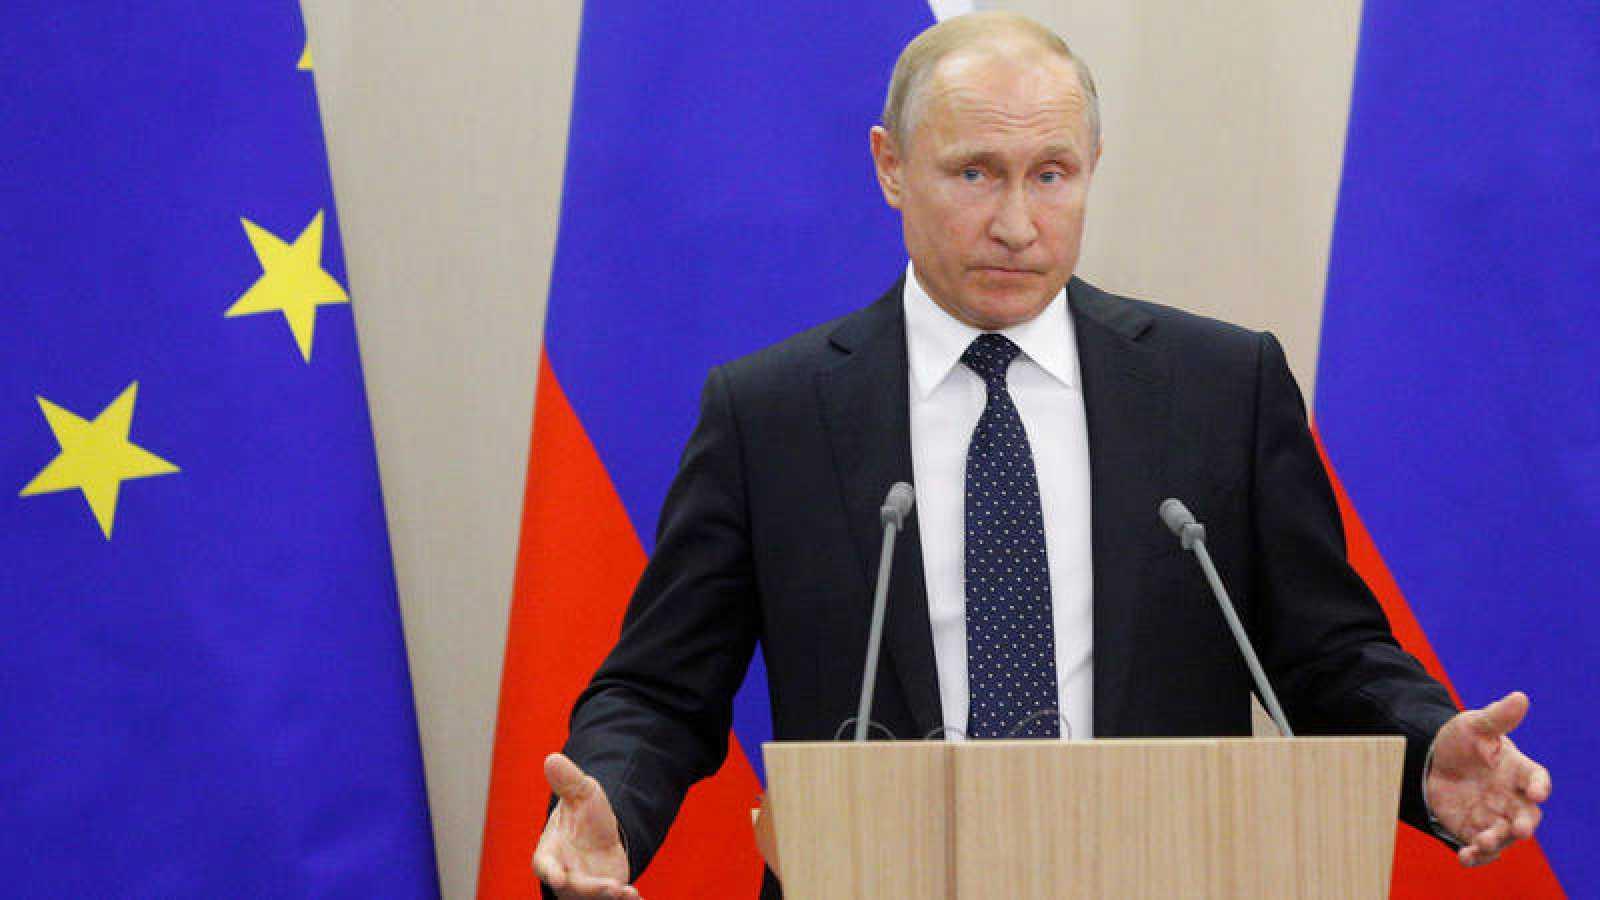 El presidente ruso, Vladímir Putin, durante una rueda de prensa en Sochi